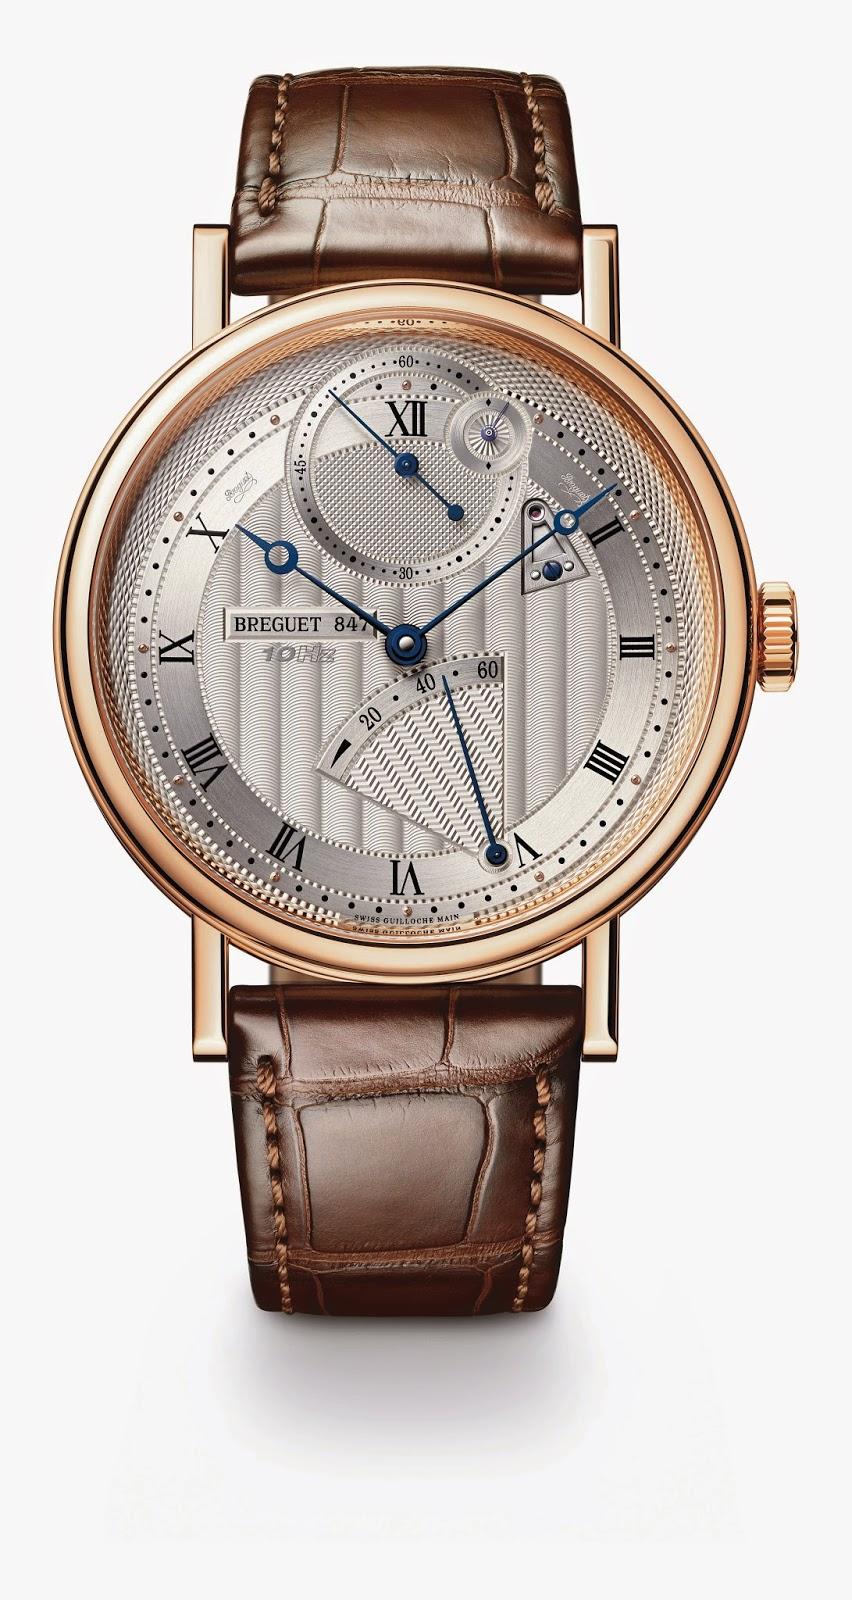 Breguet, Classique Chronométrie